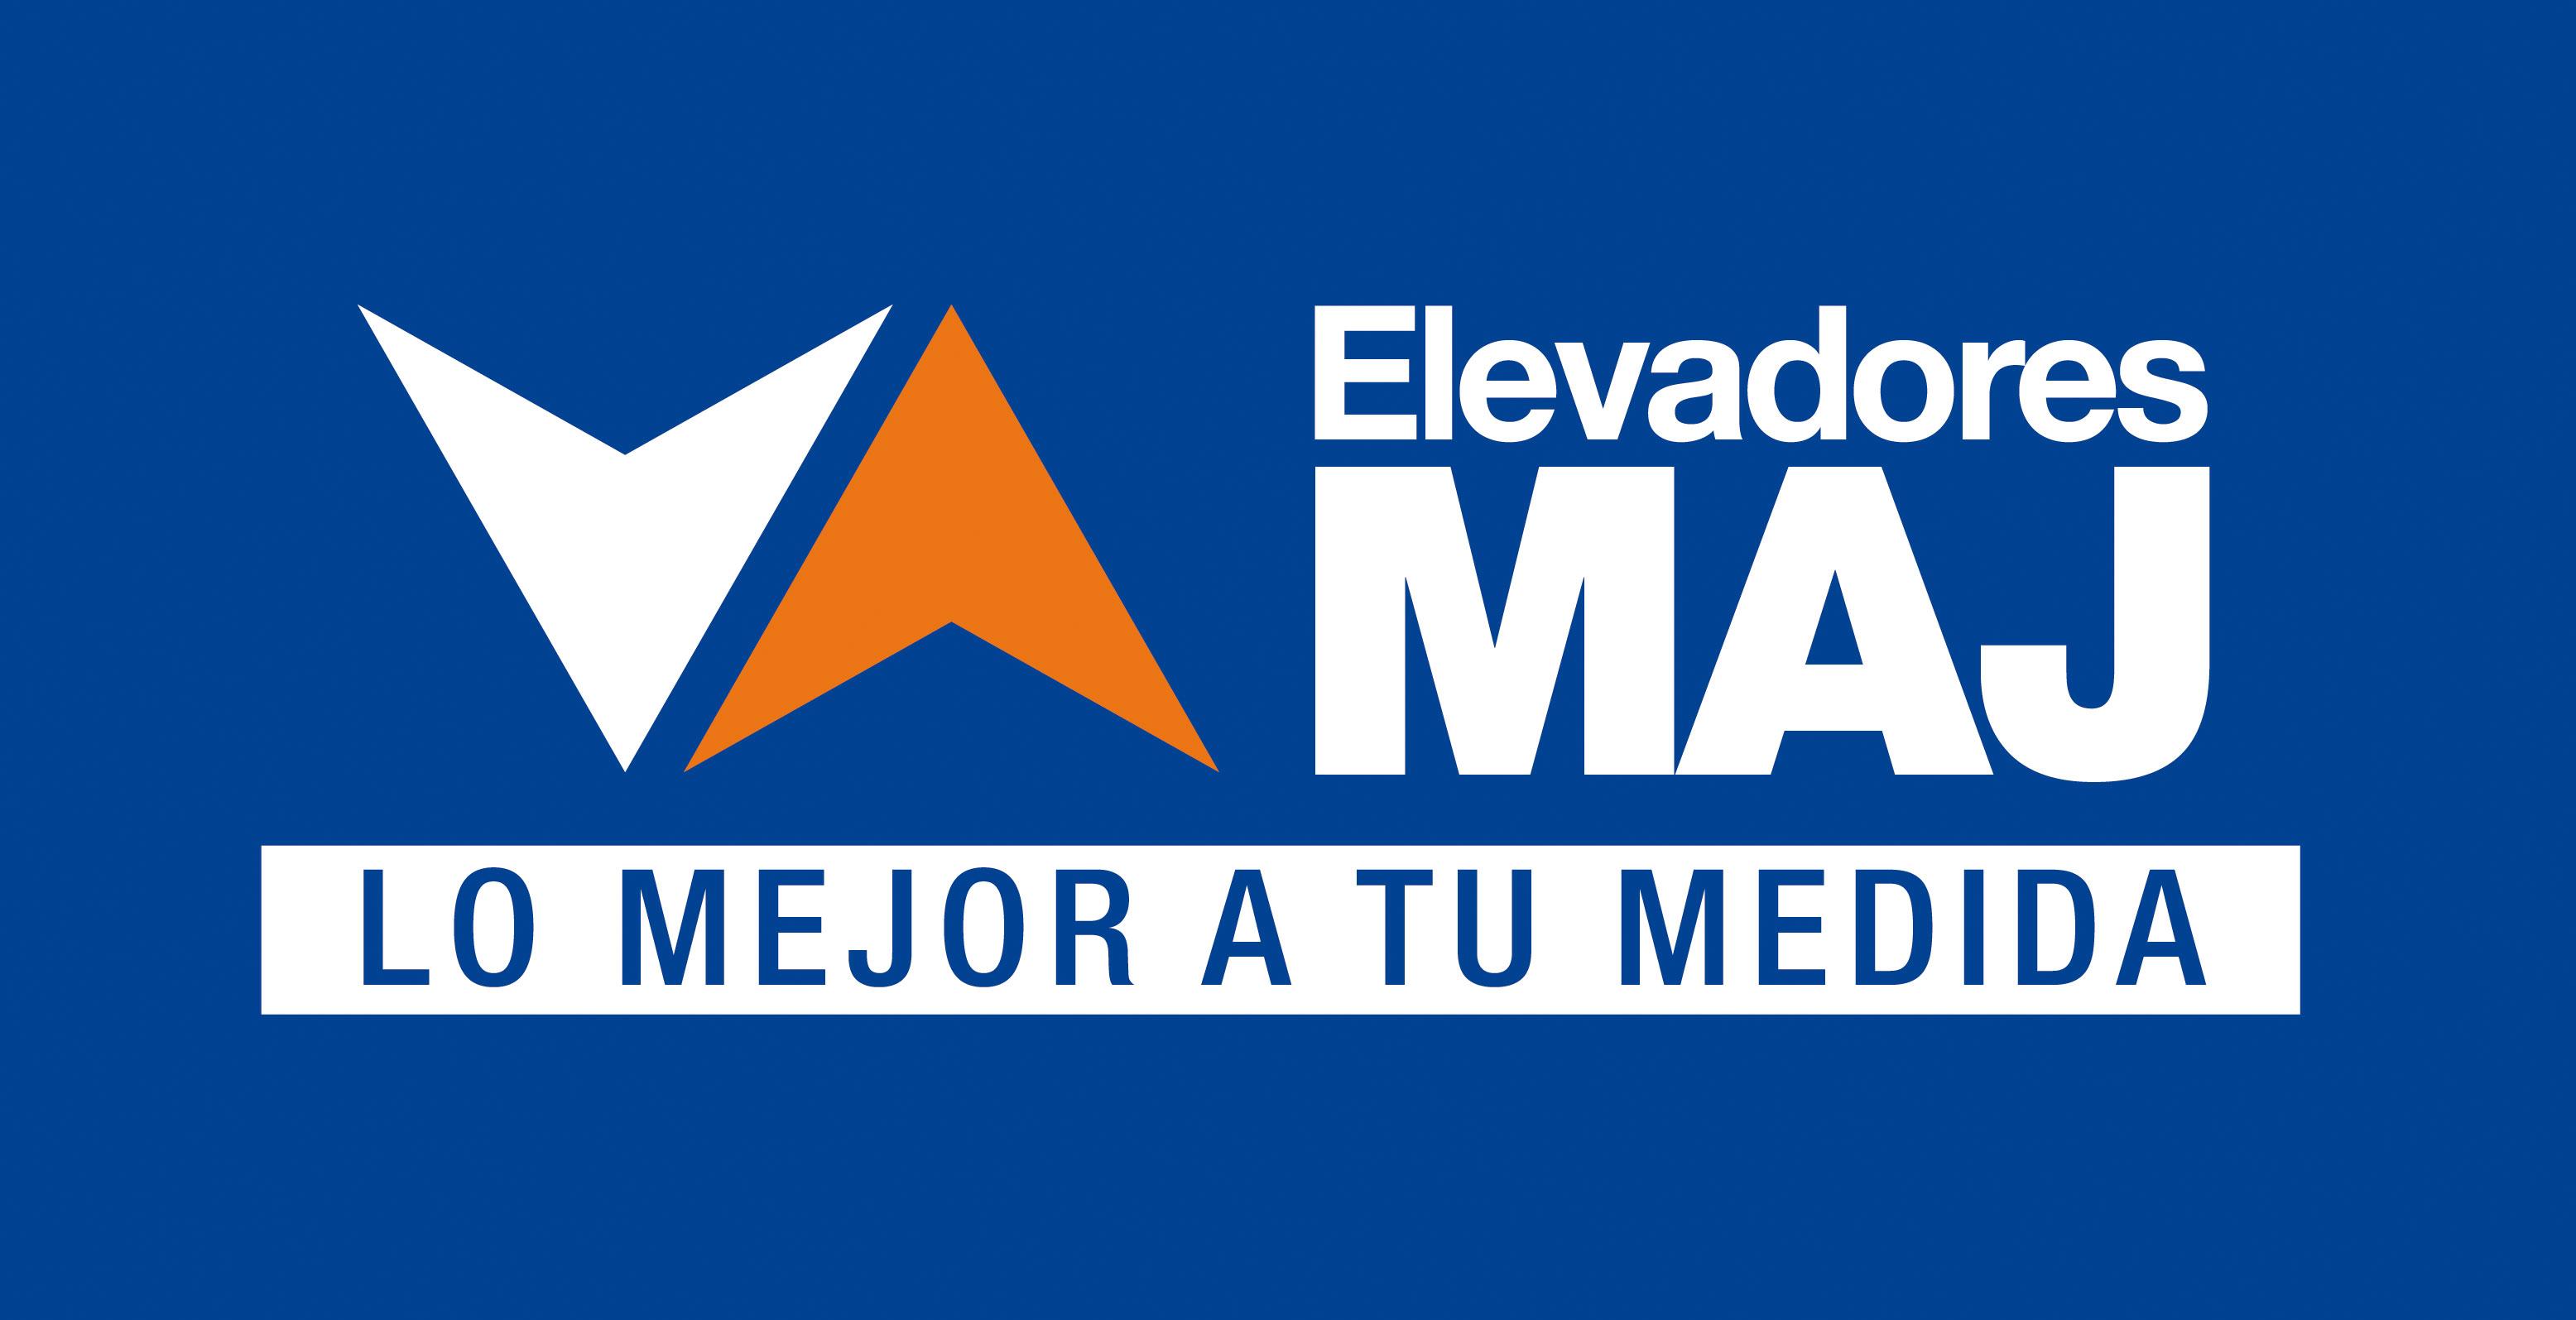 Elevadores MAJ